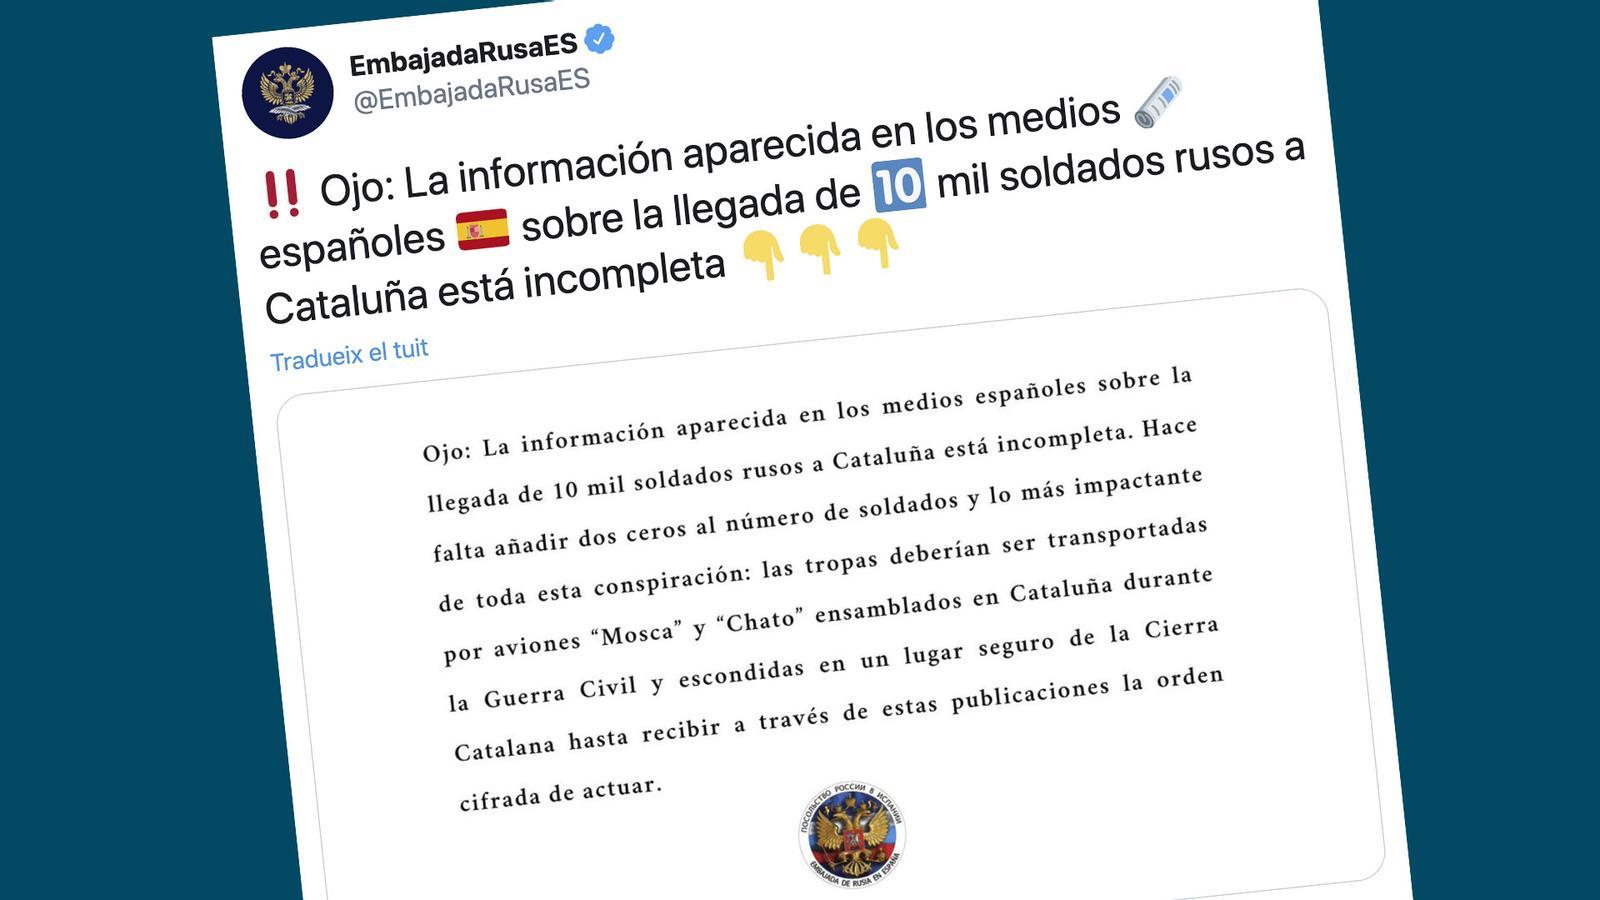 Esperant l'anunci de confinaments a Catalunya; l'ambaixada russa se'n fot de la macrocausa; Juventus 0 - Barça 2: les claus del dia, amb Antoni Bassas (29/10/2020)